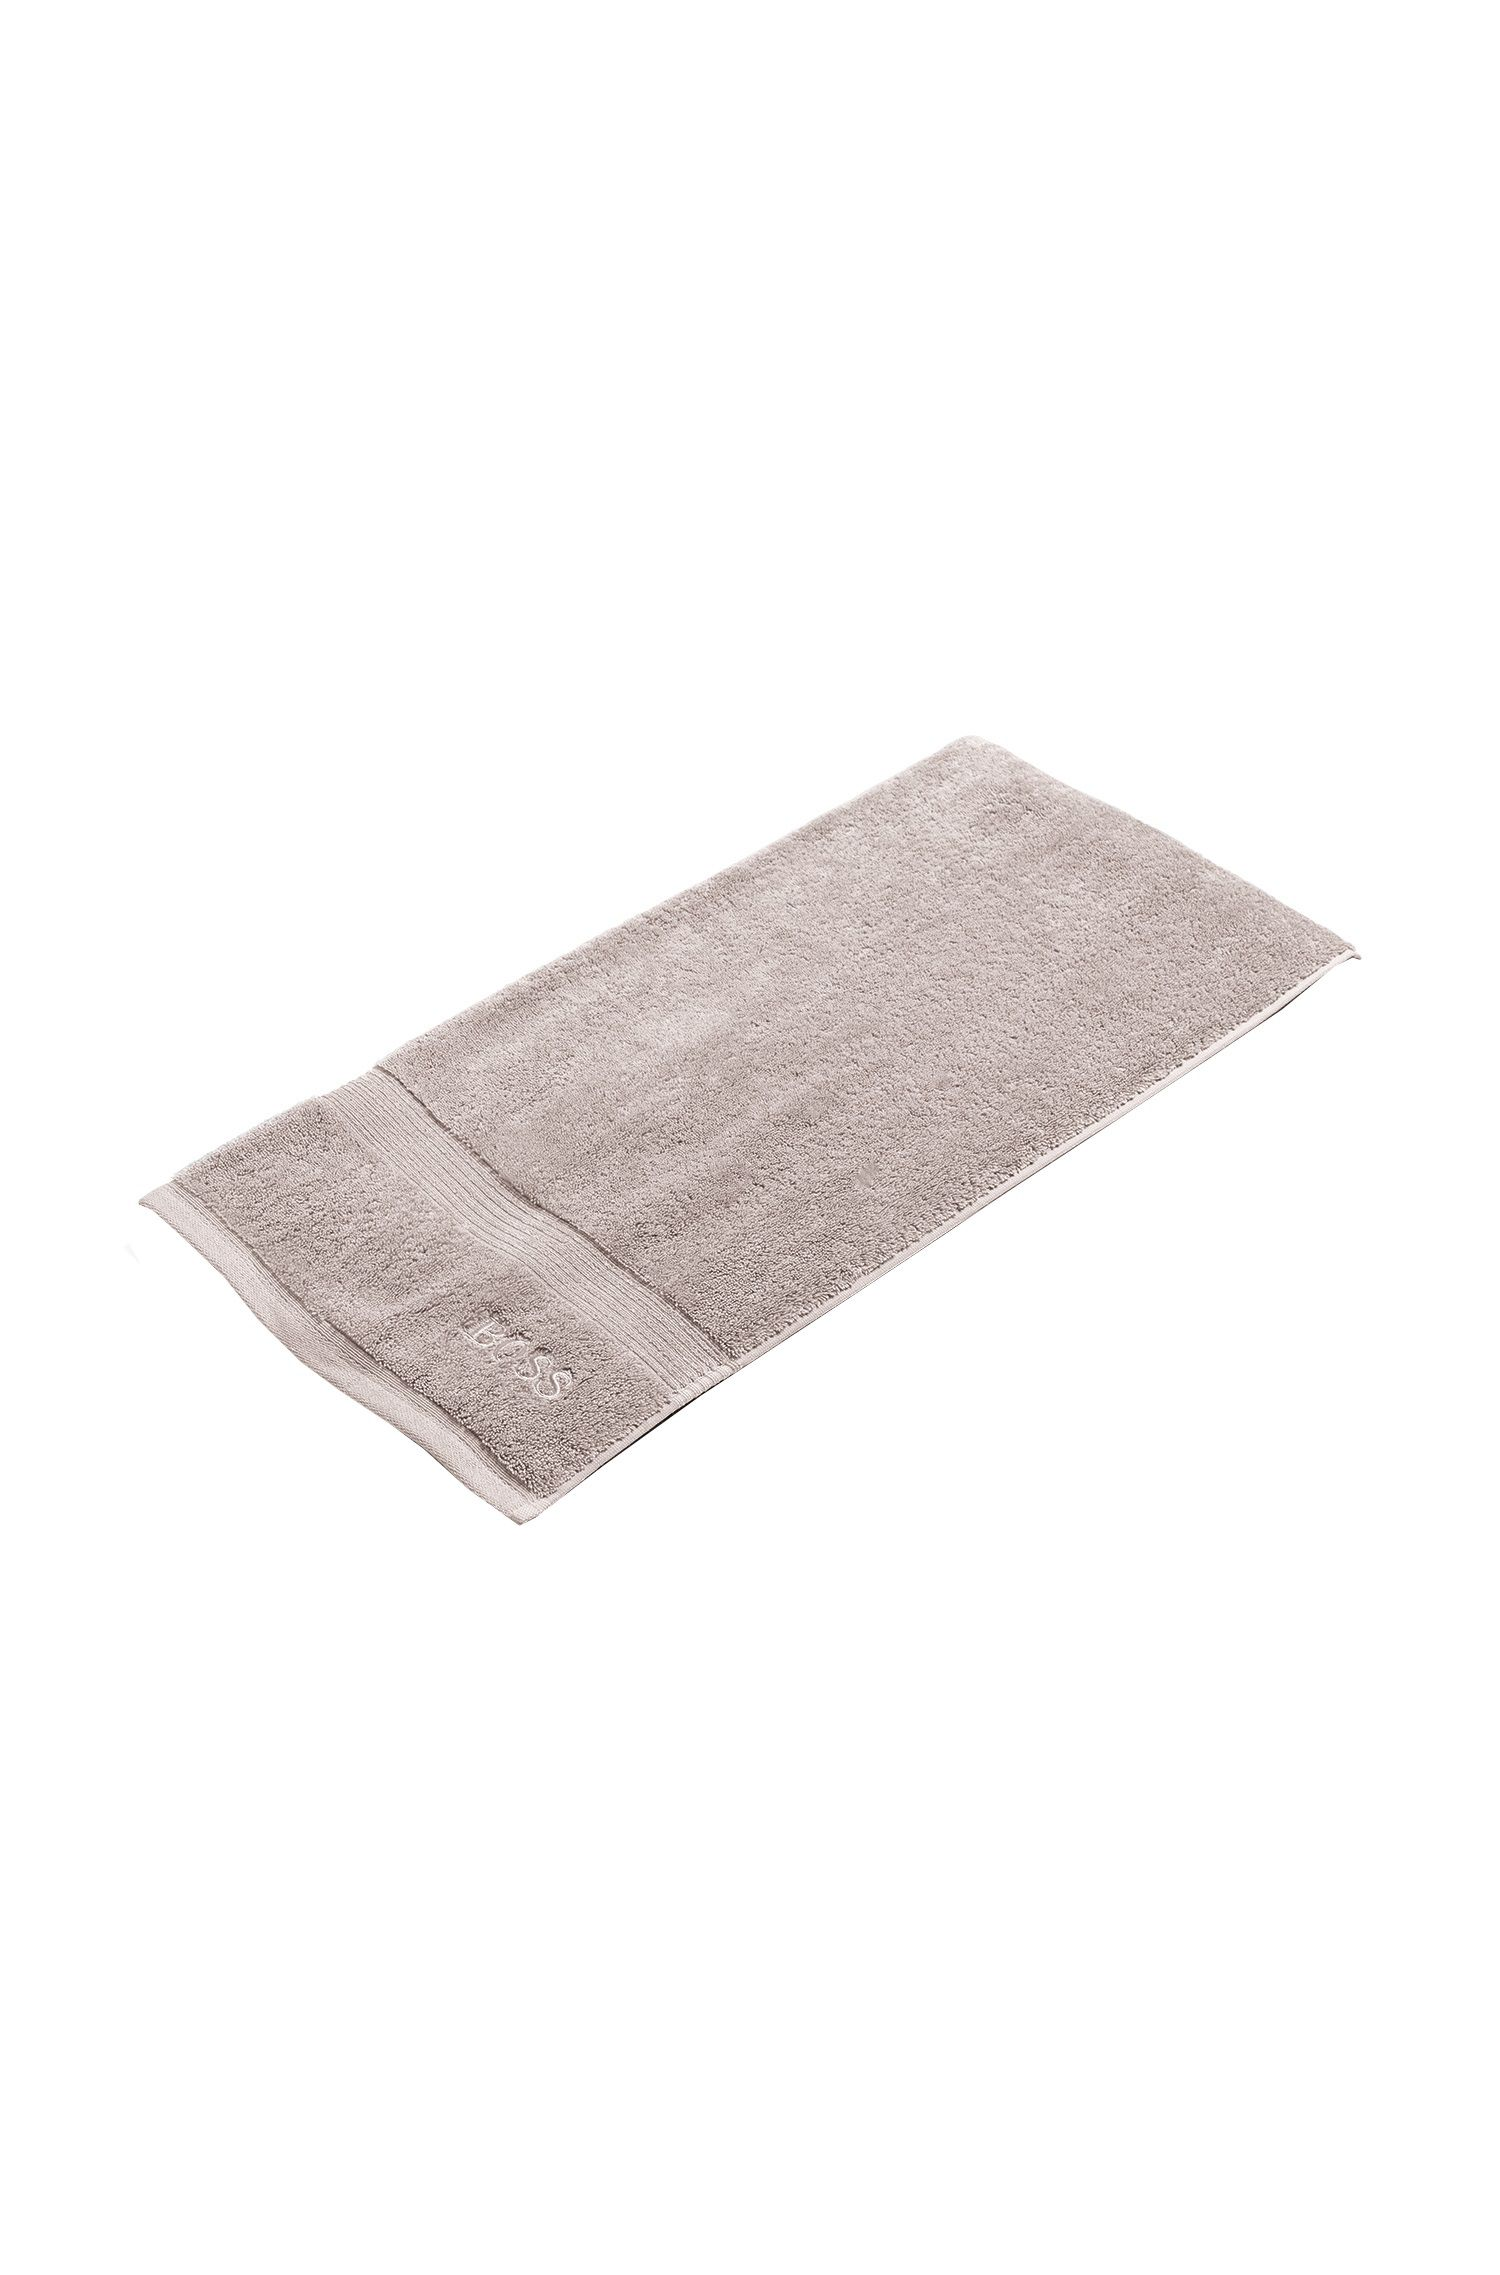 Telo doccia 'LOFT Serviette douch', cotone-spugna